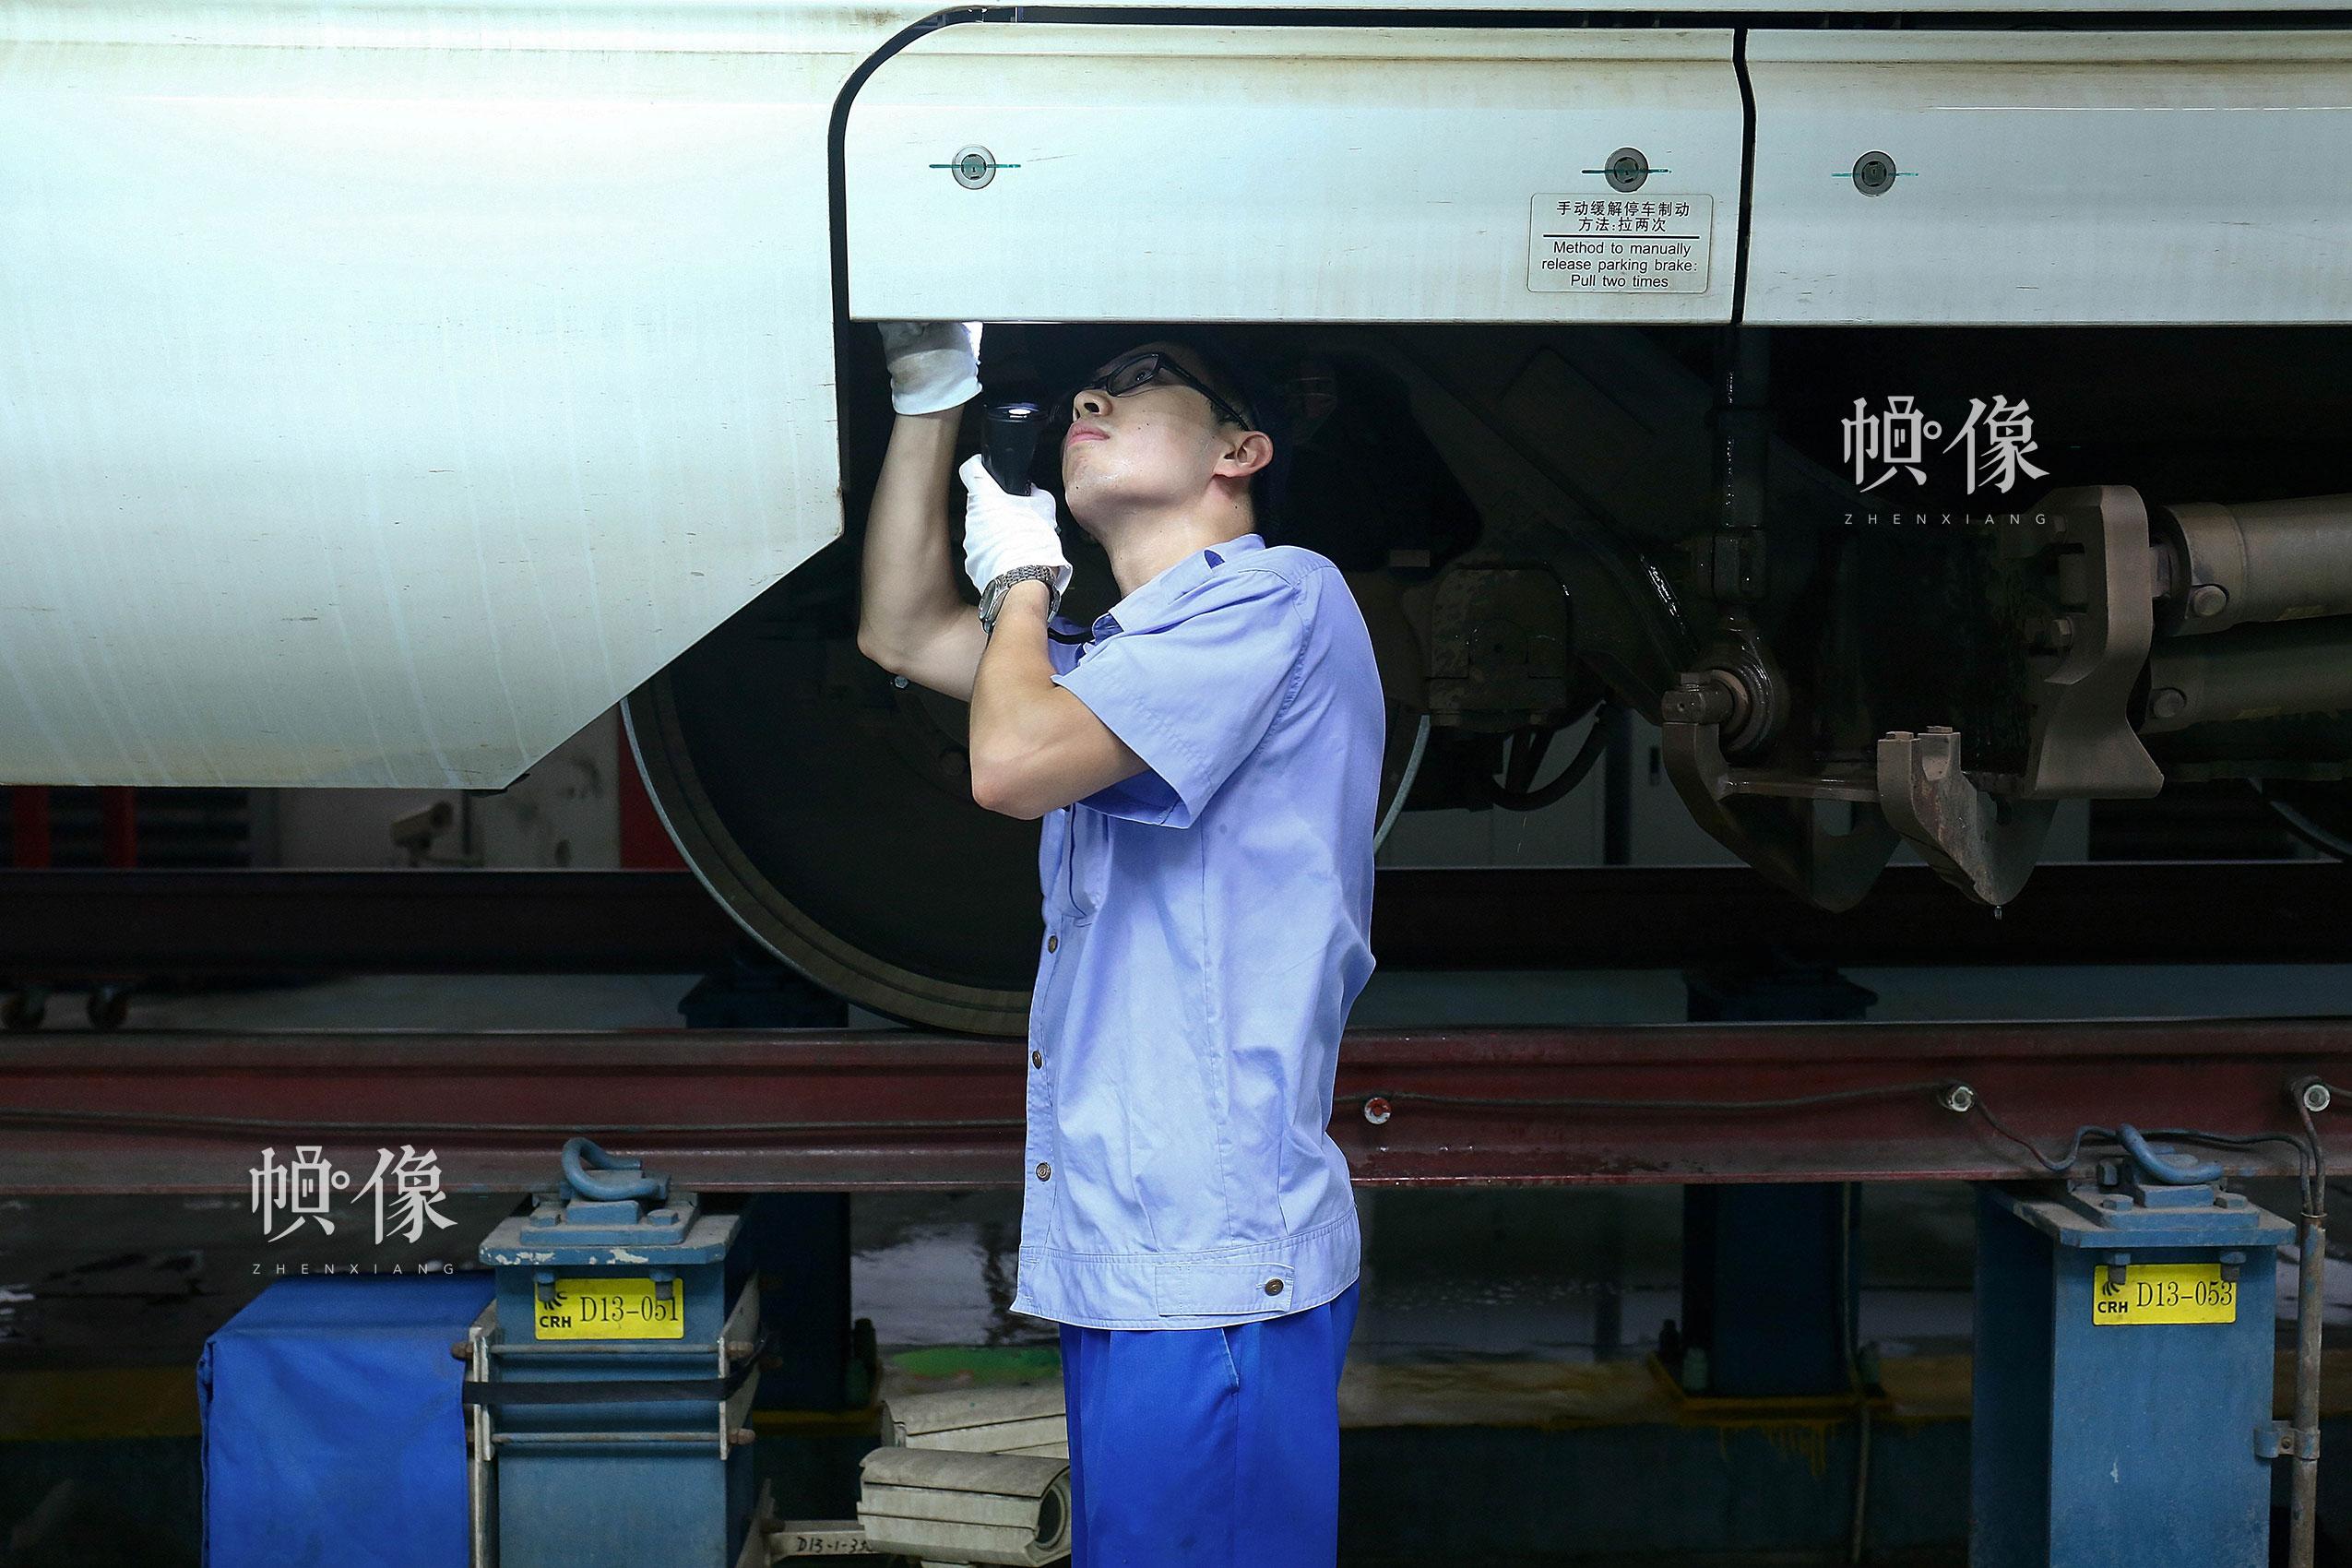 作业人员王腾检查车辆裙板状态。中国网记者 黄富友 摄